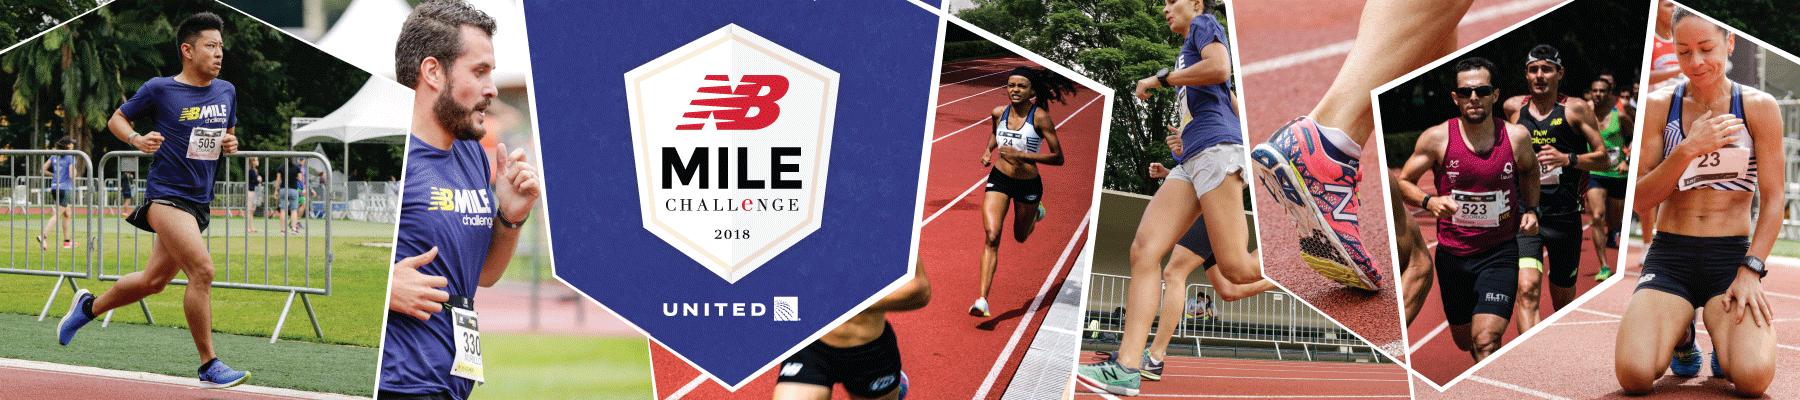 NEW BALANCE MILE CHALLENGE 2018 - Imagem de topo